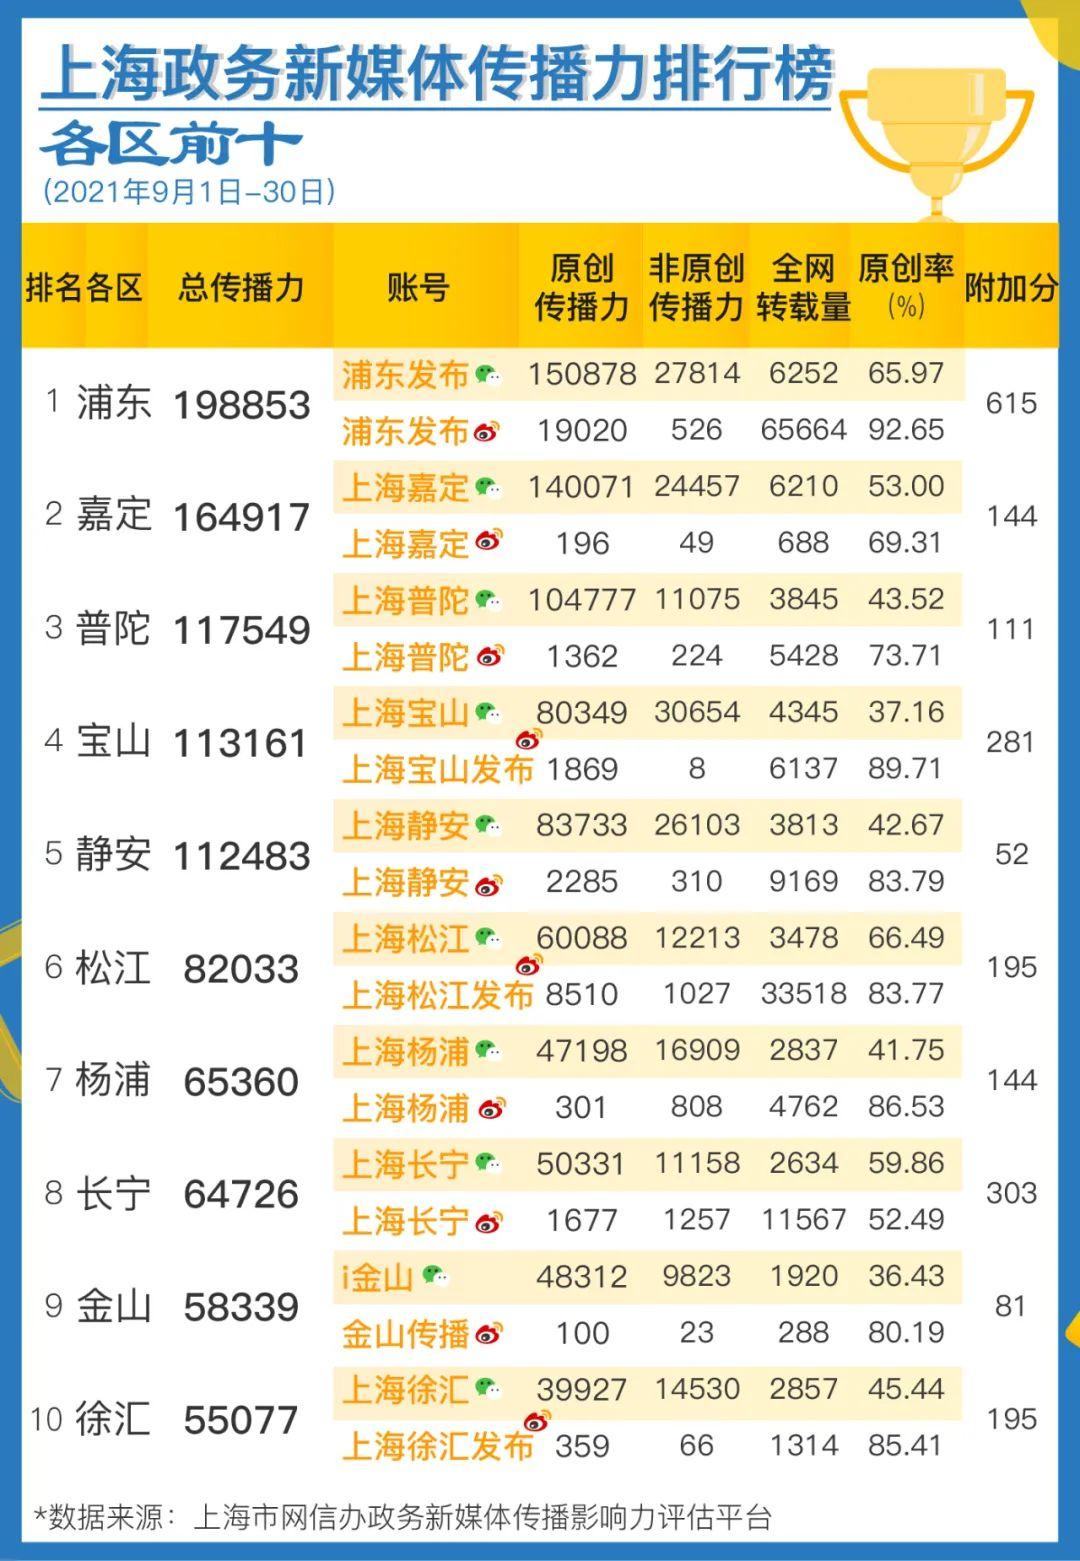 上海政务新媒体9月传播影响力榜单发布